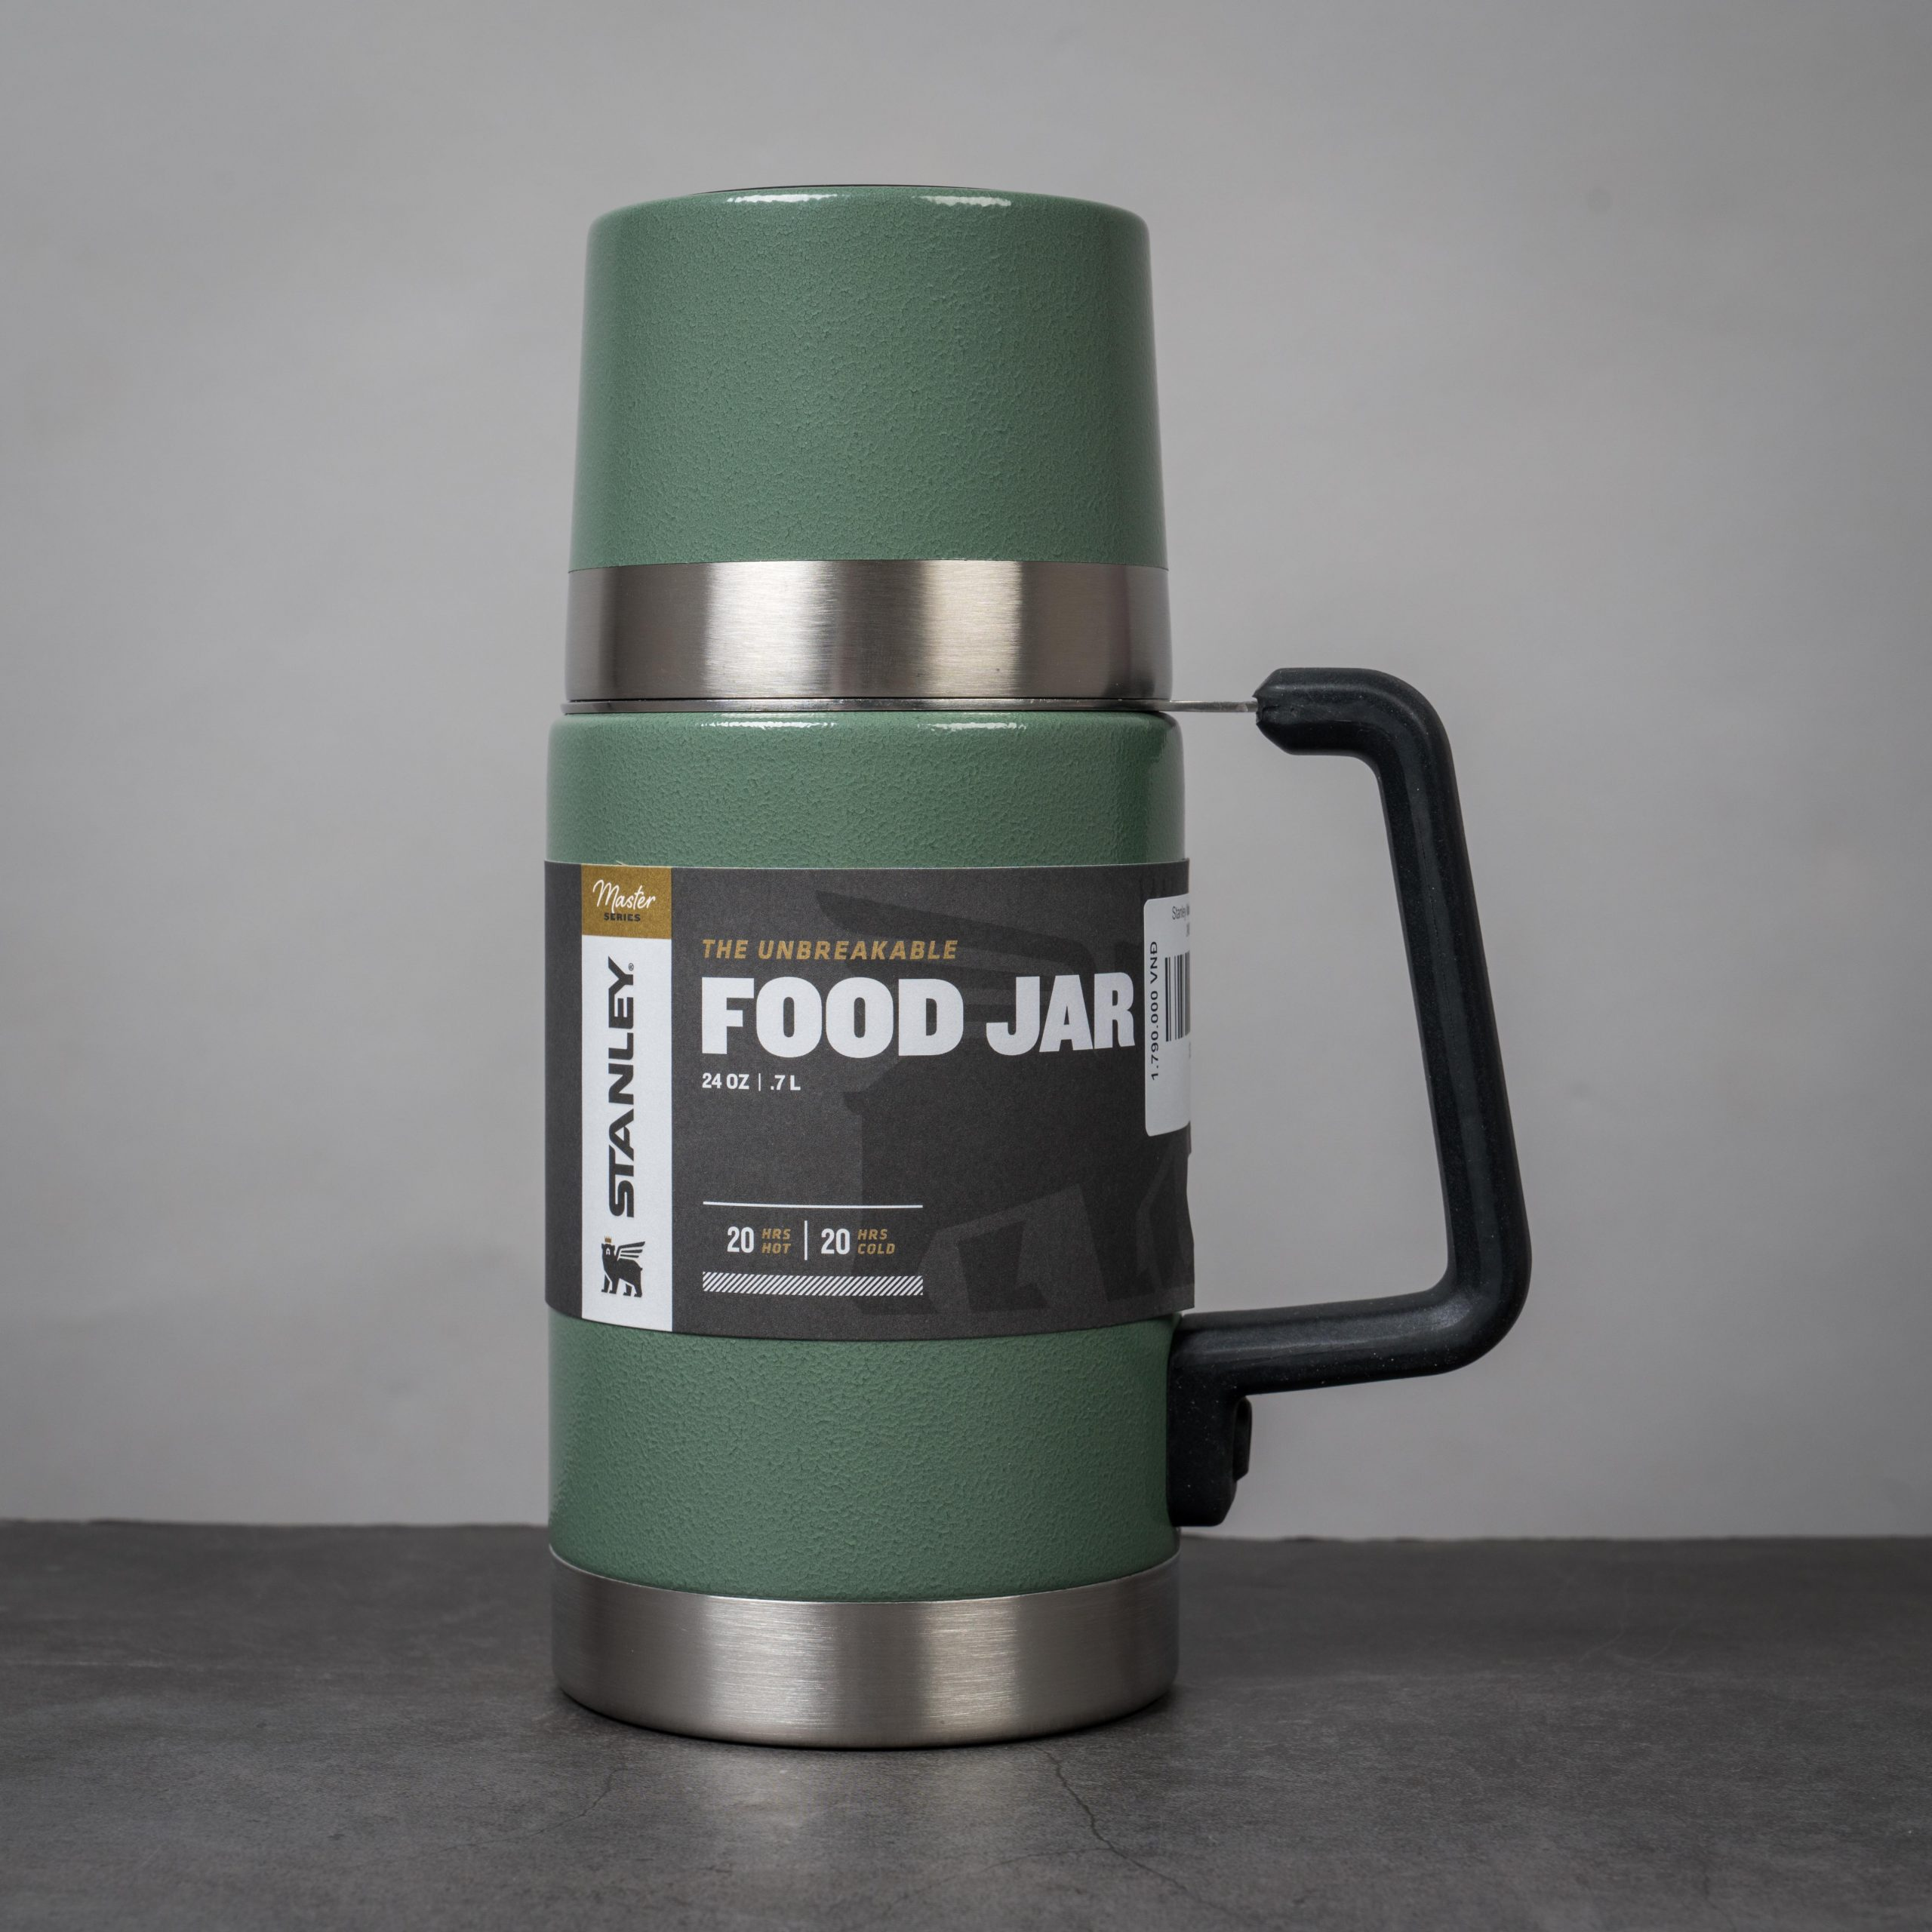 Stanley MASTER UNBREAKABLE VACUUM FOOD JAR - Bình đựng Soup, cháo siêu cứng và khỏe. Giữ nhiệt vượt trội